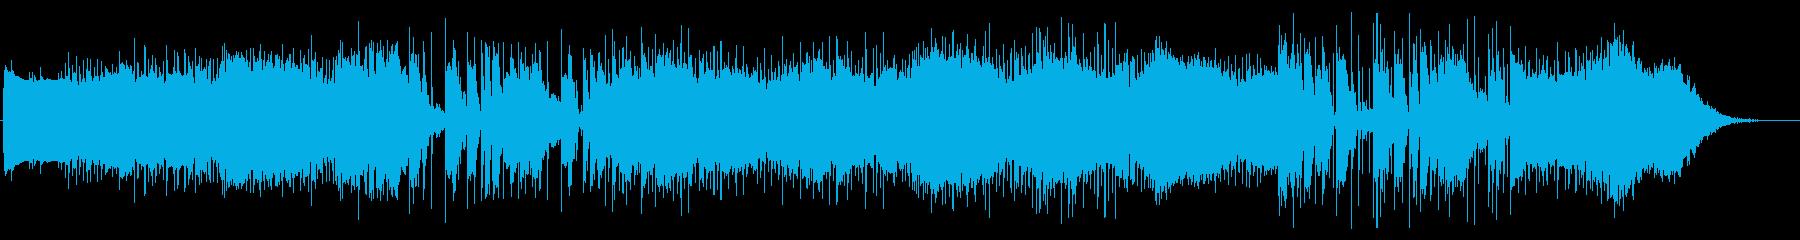 ダークすぎないエレクトリック曲の再生済みの波形